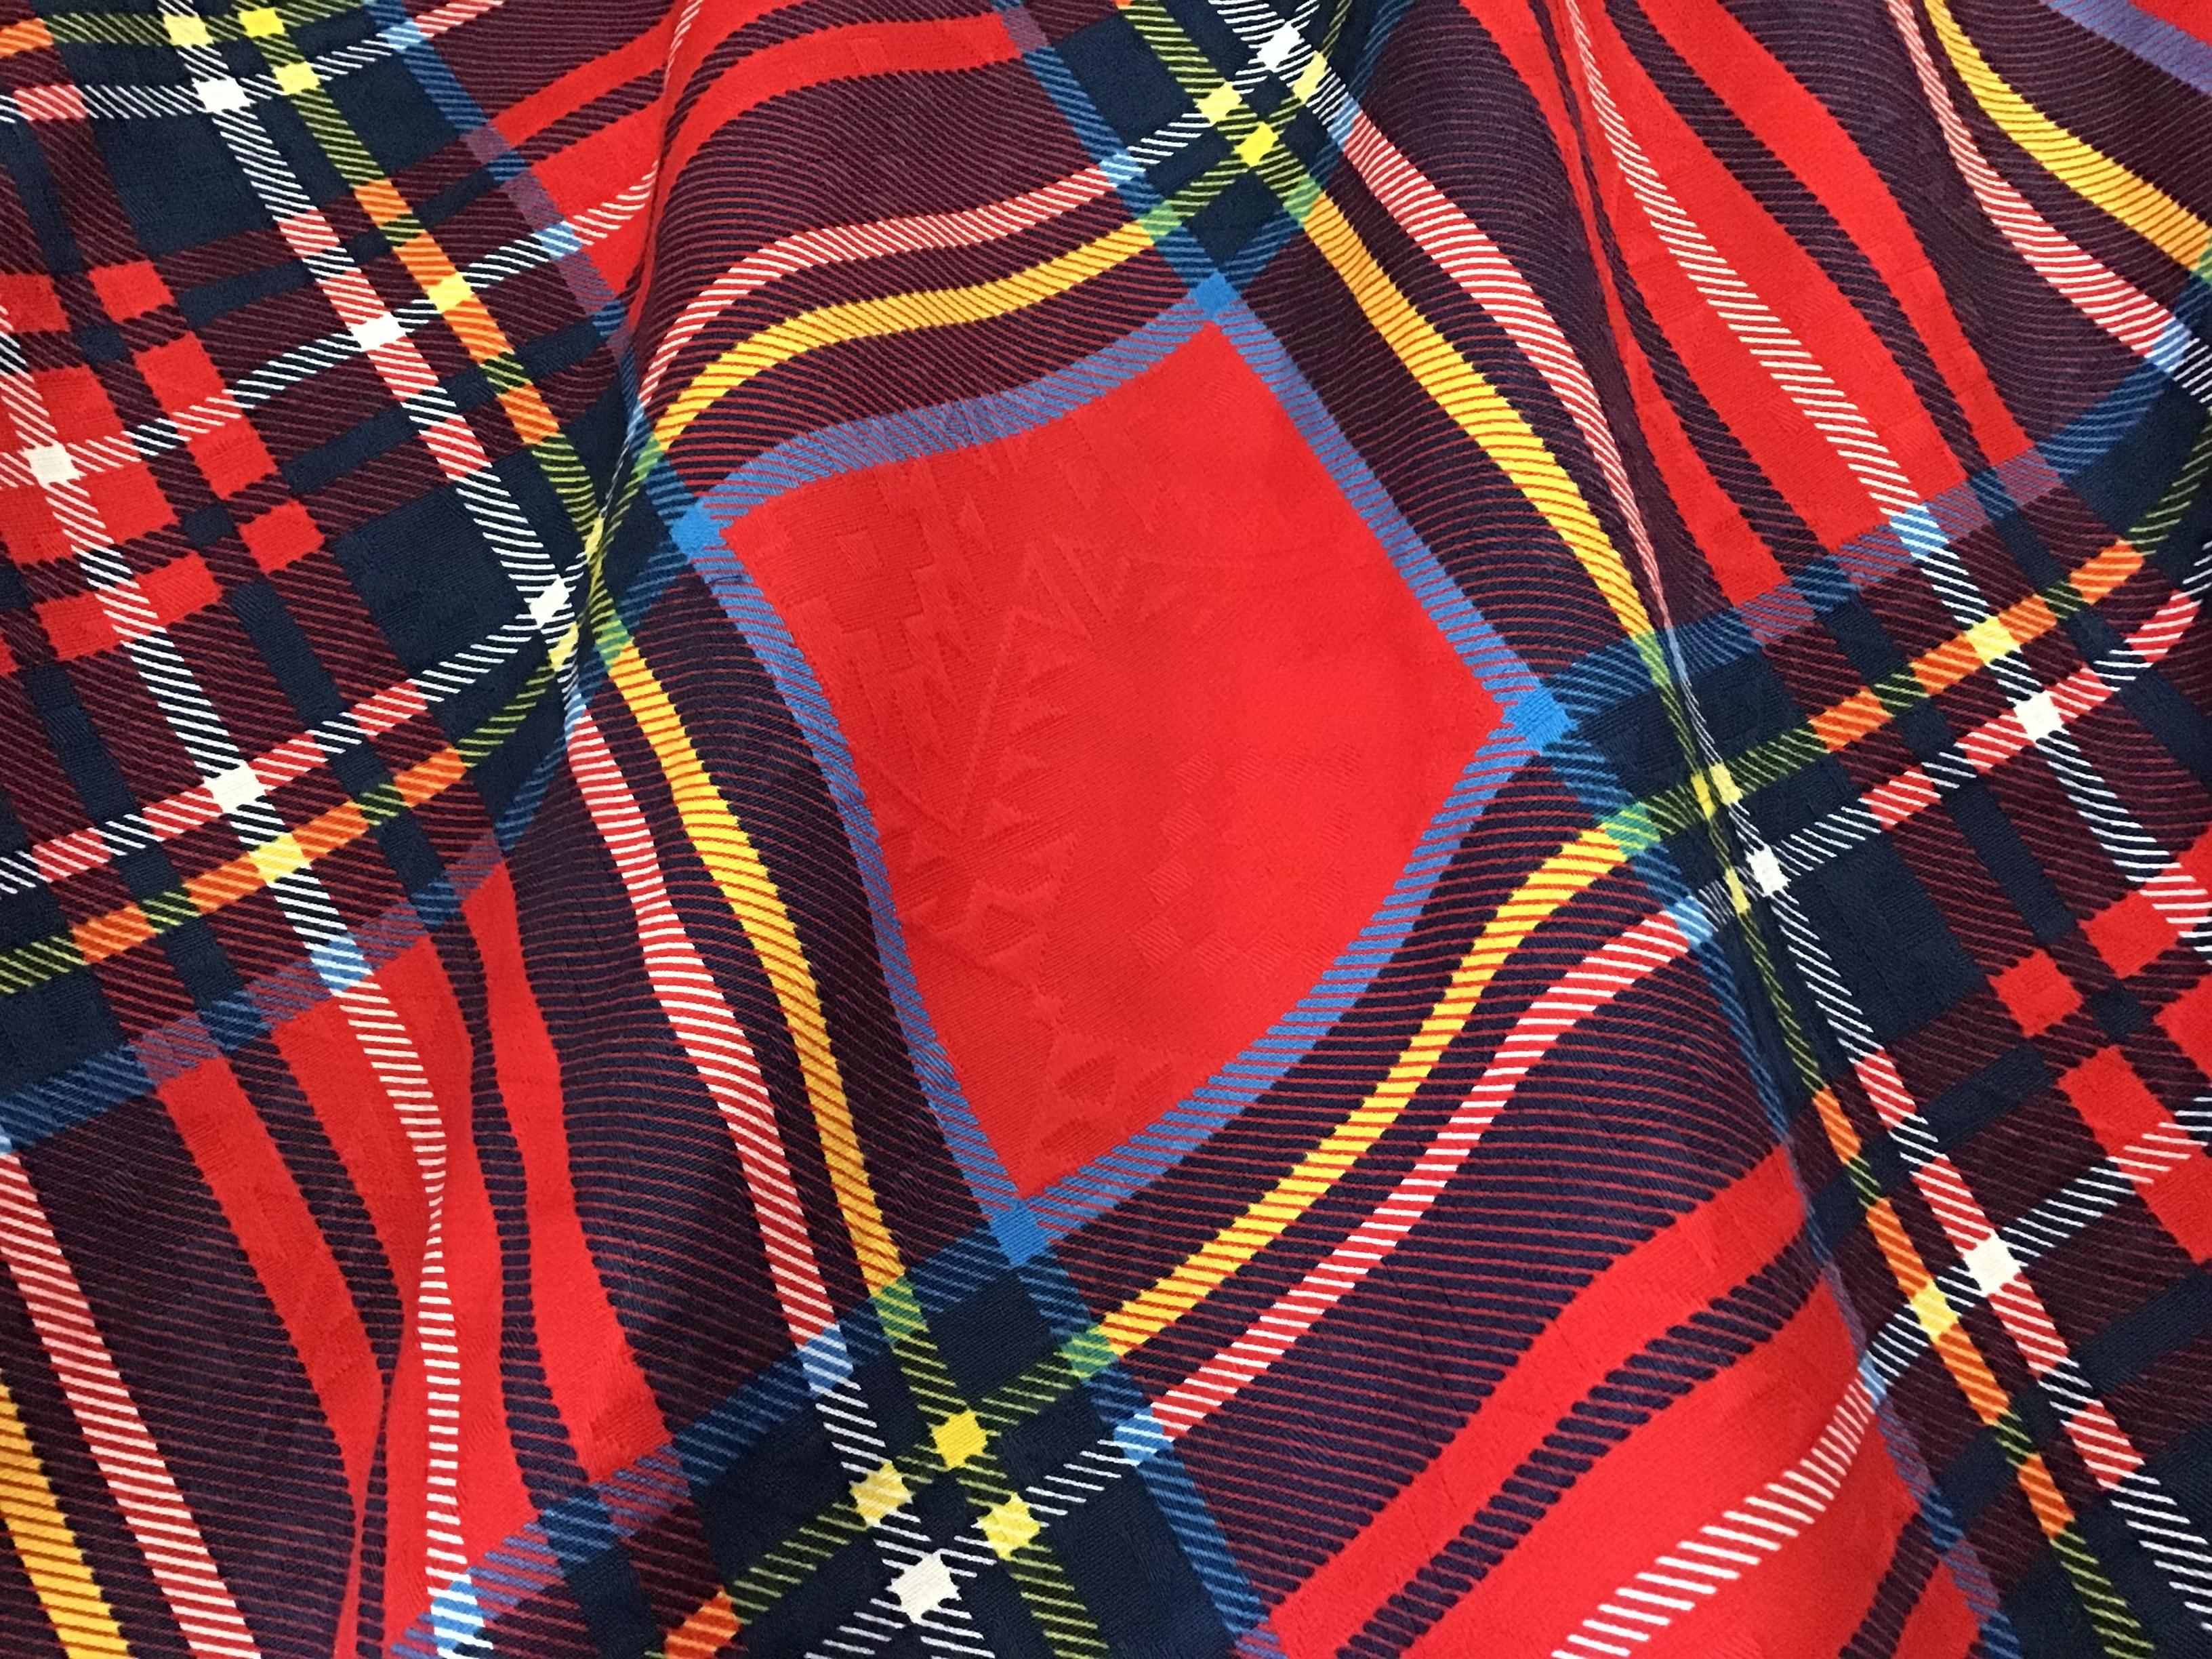 限定作品 コットンジャガード織り トライバル模様